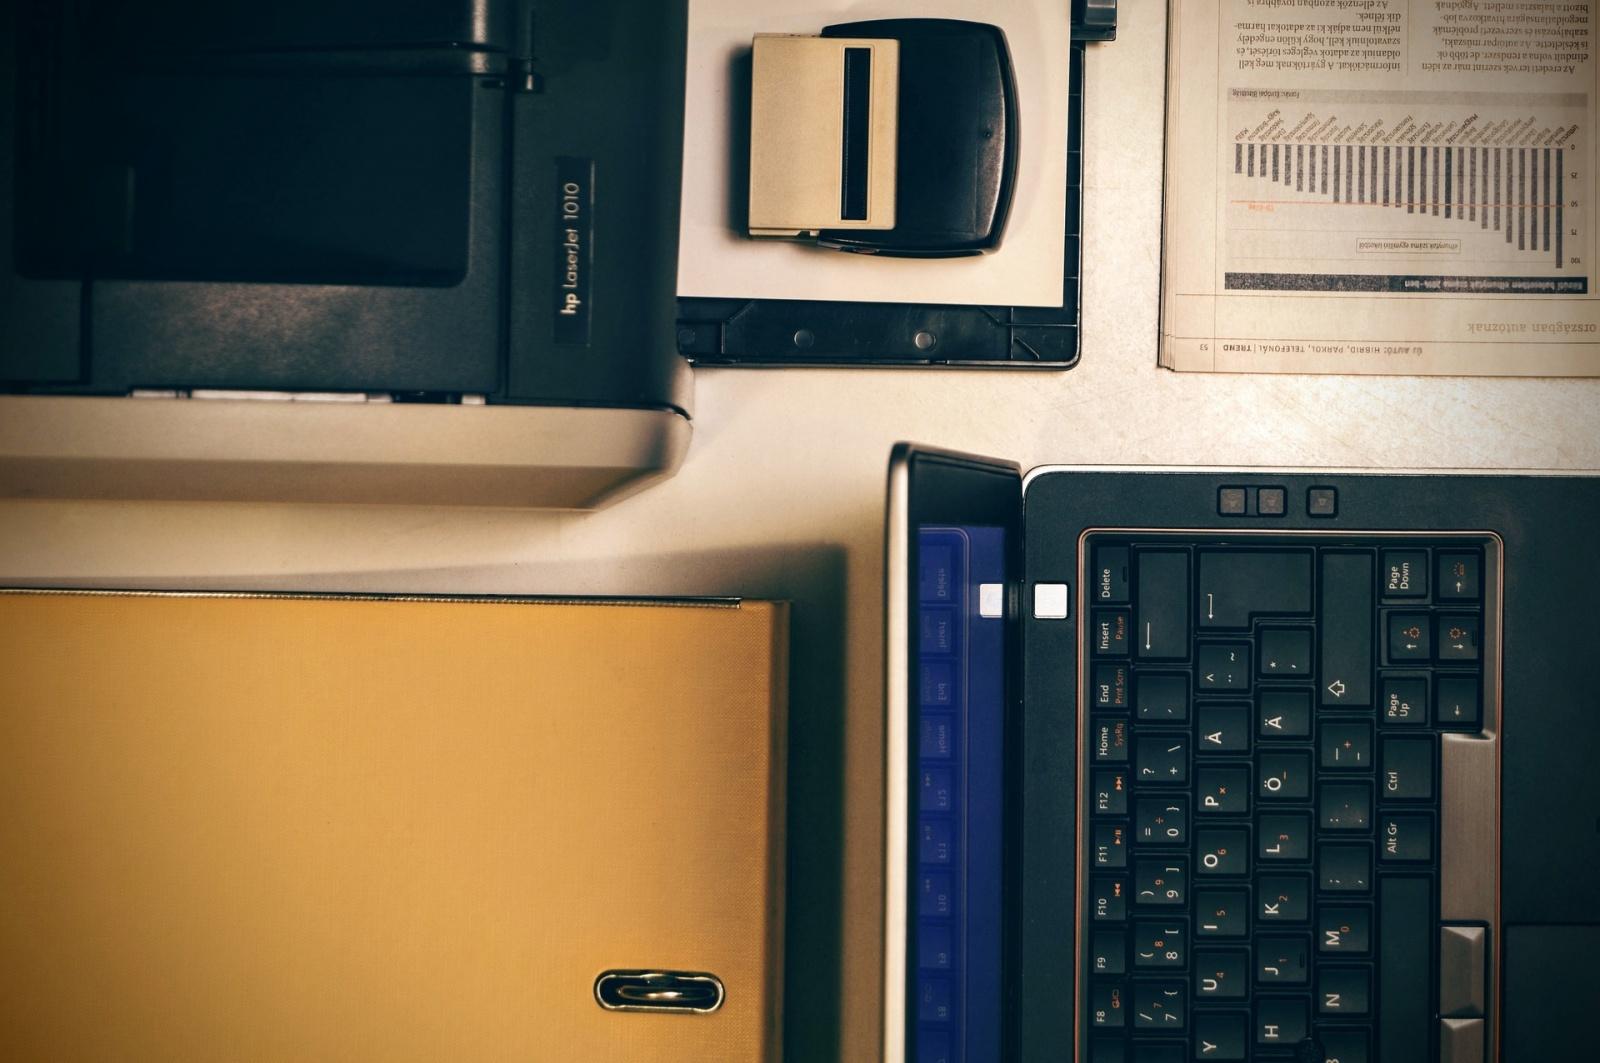 Корпоративная печать: гораздо больше проблем, чем кажется - 1